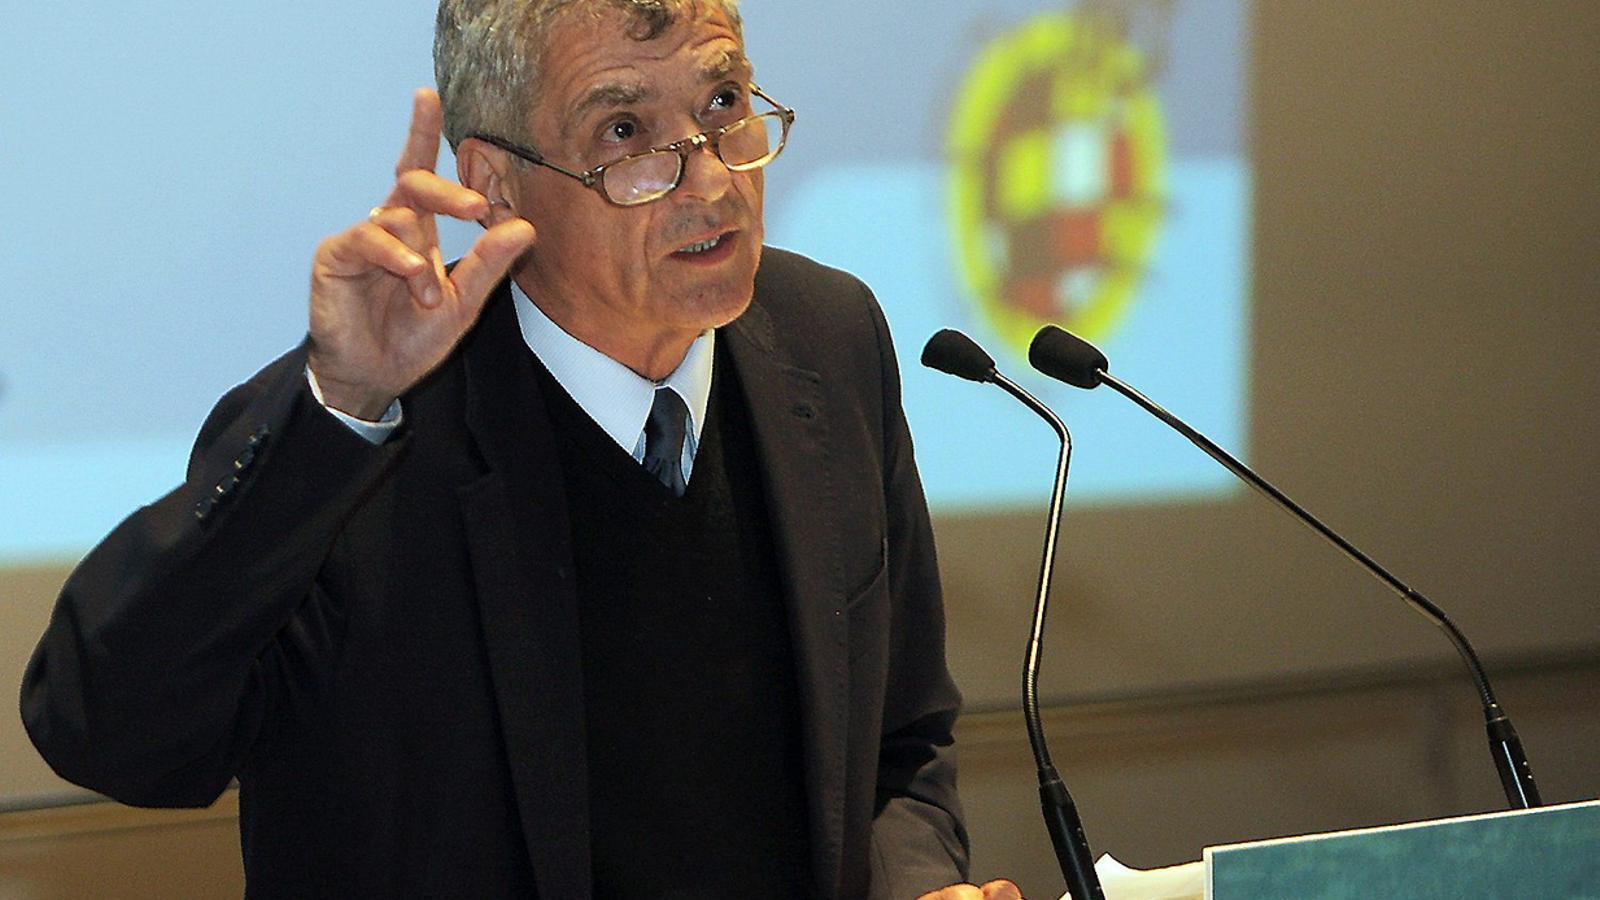 Ángel María Villar presideix la Reial Federació Espanyola de Futbol des del 1988 / XOAN REY / EFE